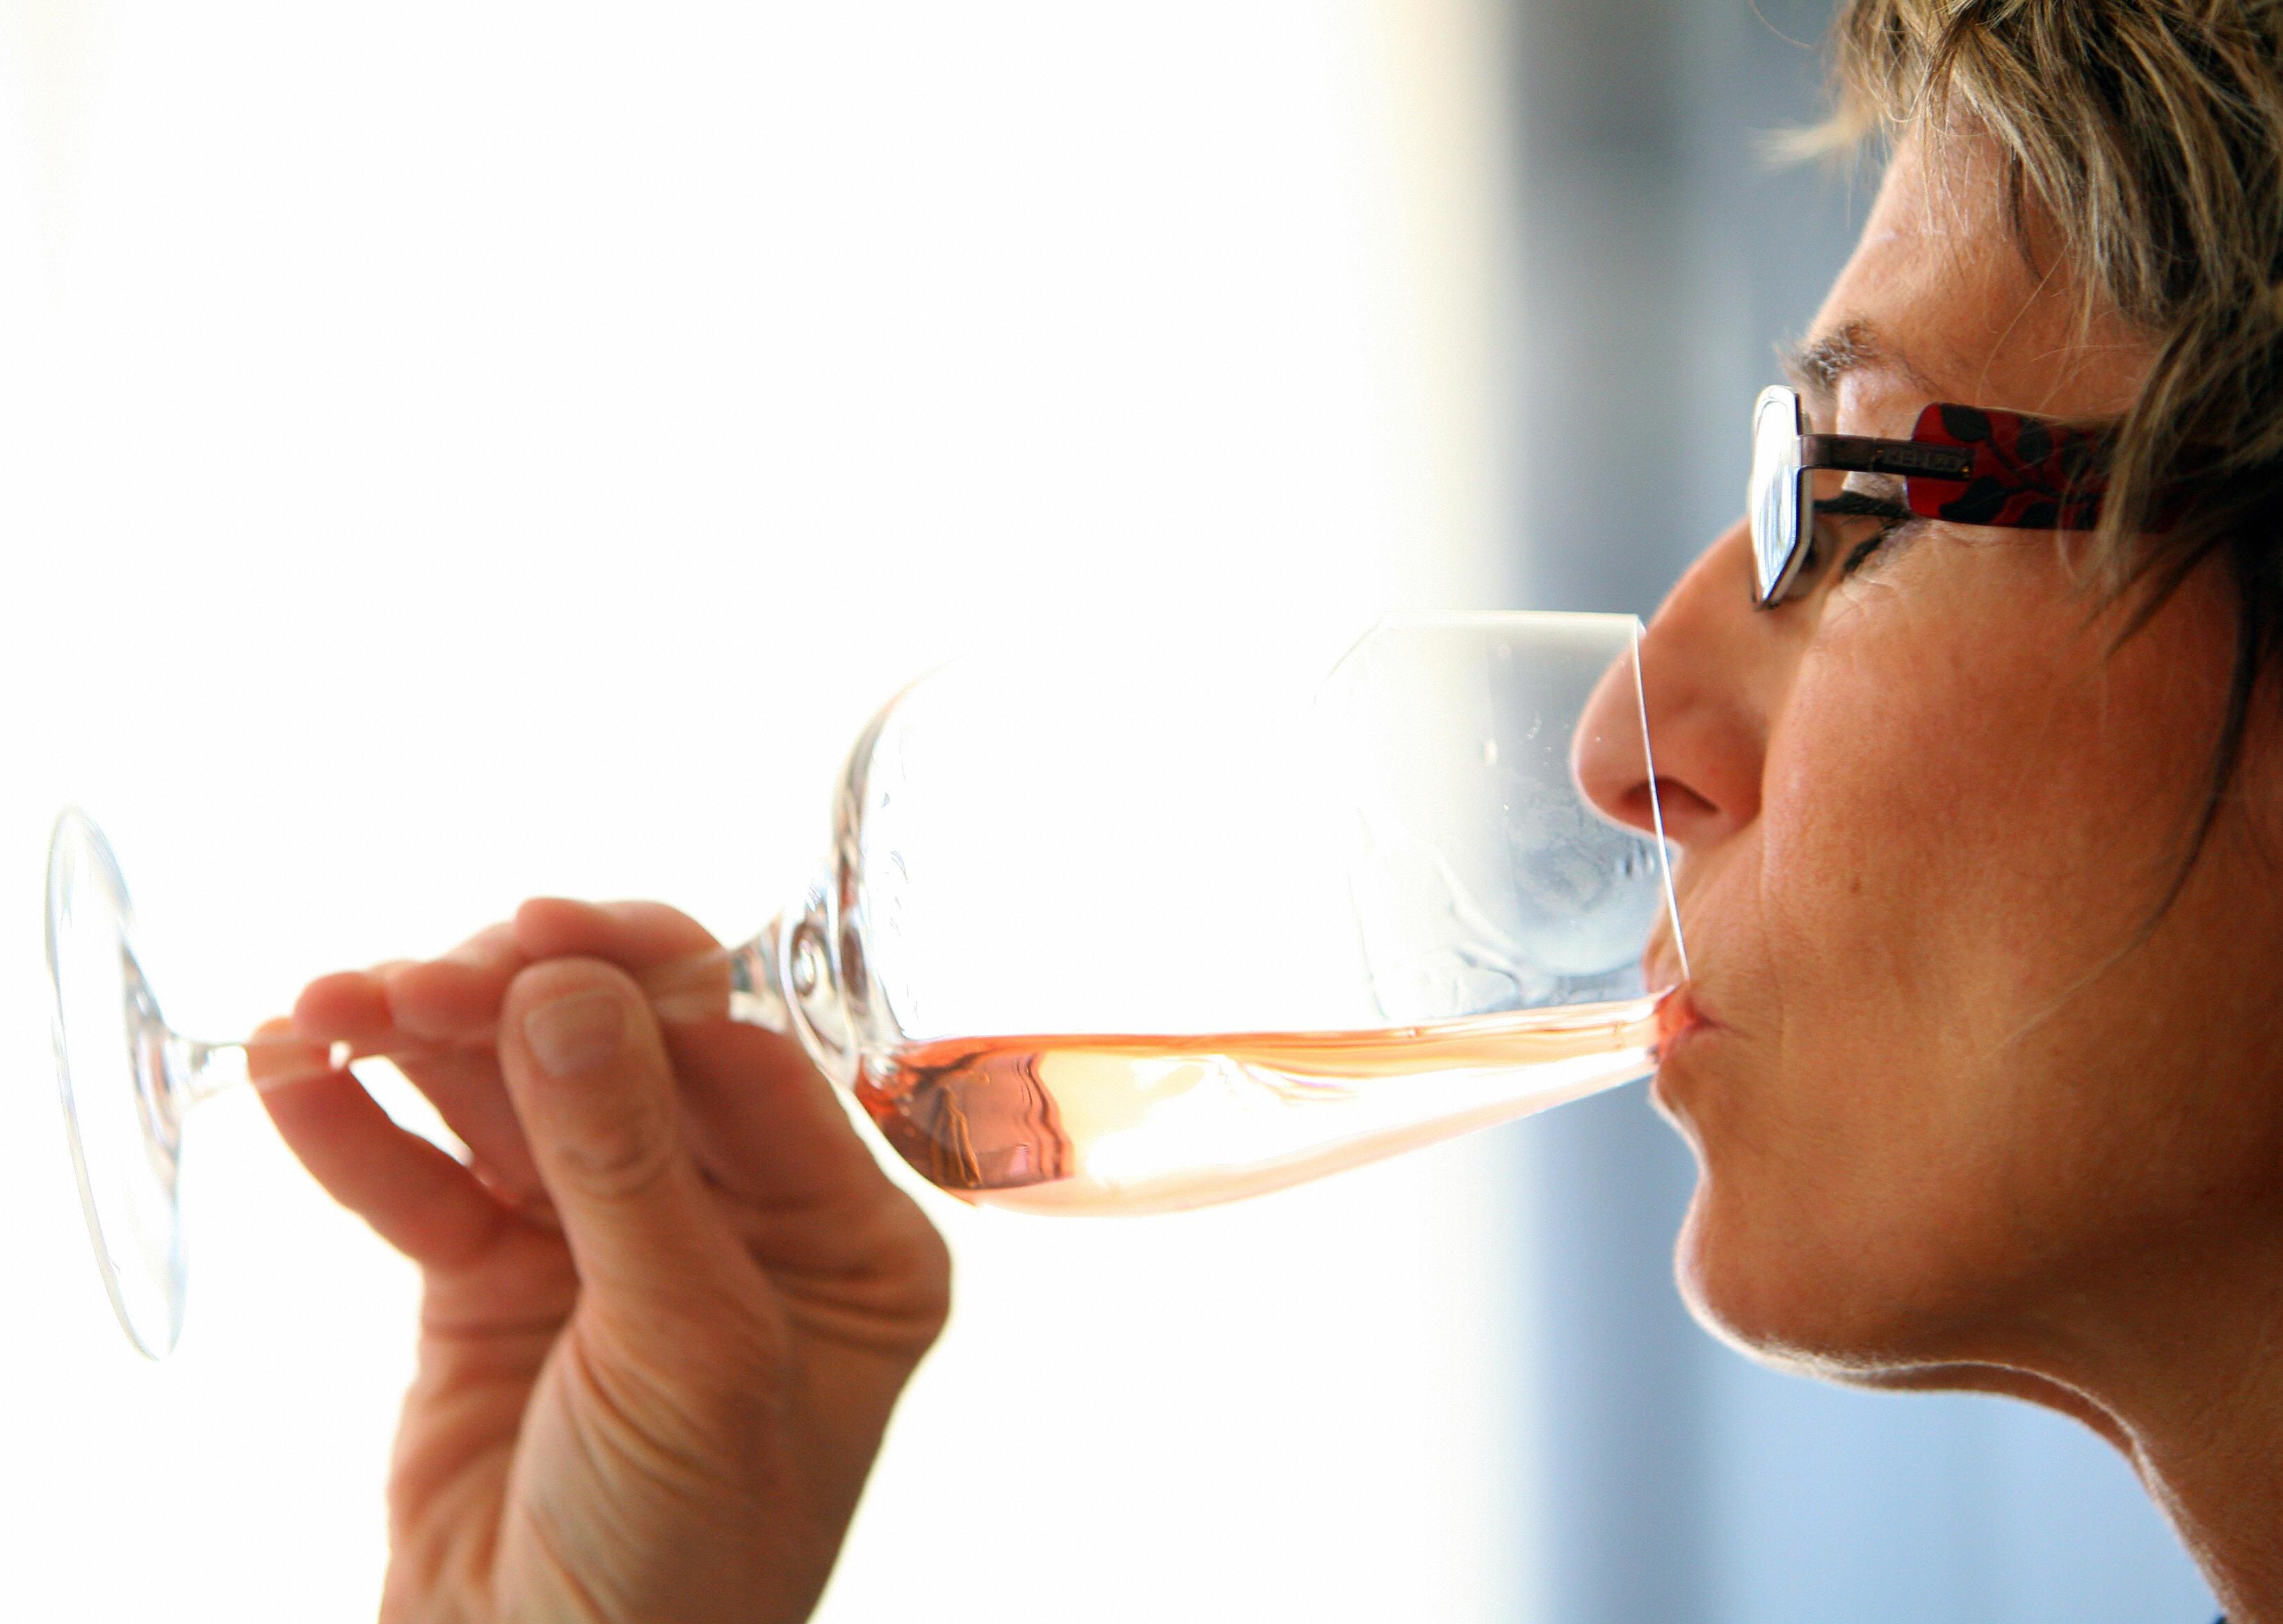 Une personne déguste du vin rosé, le 25 avril 2009, à Cannes à l'occasion du 6ème Mondial du Rosé organisé par l'union des oenologues de France du 25 au 27 avril 2009. Cette dégustation, exclusivement reservéé aux vins rosés issus de toutes les régions viticoles du monde, devrait proposer plus de 786 vins en provenance de 28 pays. Dégustés à l'aveugle par un jury représentant 18 nationalités, ces vins concourent pour une médaille d'or ou d'argent. La Commission européenne a repoussé récemment de près d'un mois au 19 juin l'adoption de nouvelles pratiques oenologiques, dont l'autorisation contestée par la France de fabriquer du vin rosé en coupant du rouge avec du blanc. AFP PHOTO STEPHANE DANNA (Photo credit should read STEPHANE DANNA/AFP/Getty Images)